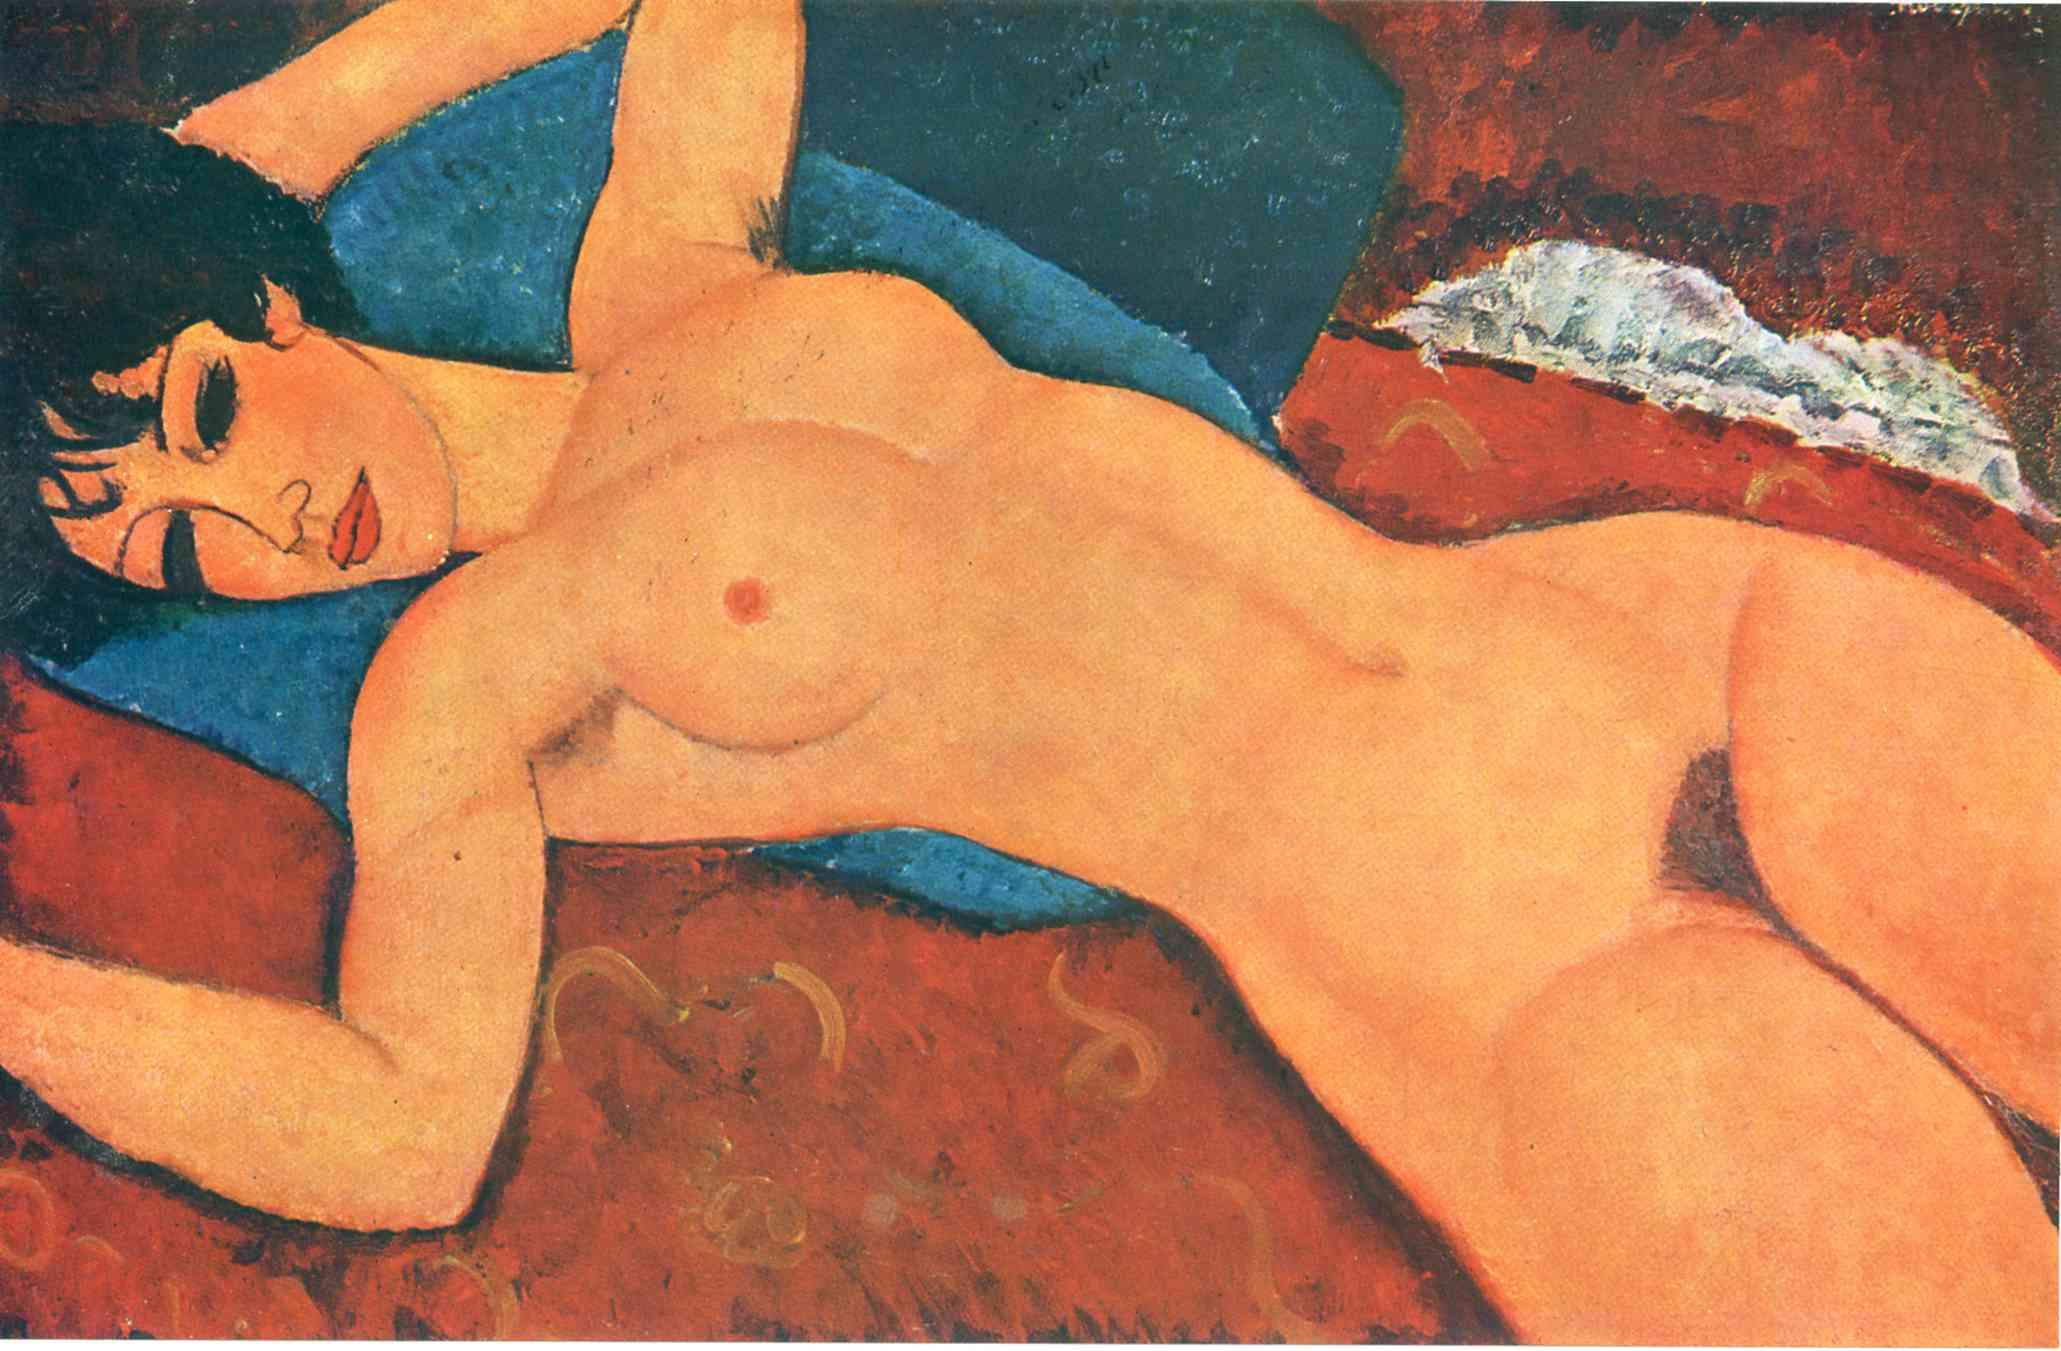 Самые дорогие картины мира - Амедео Модильяни «Лежащая обнаженная»